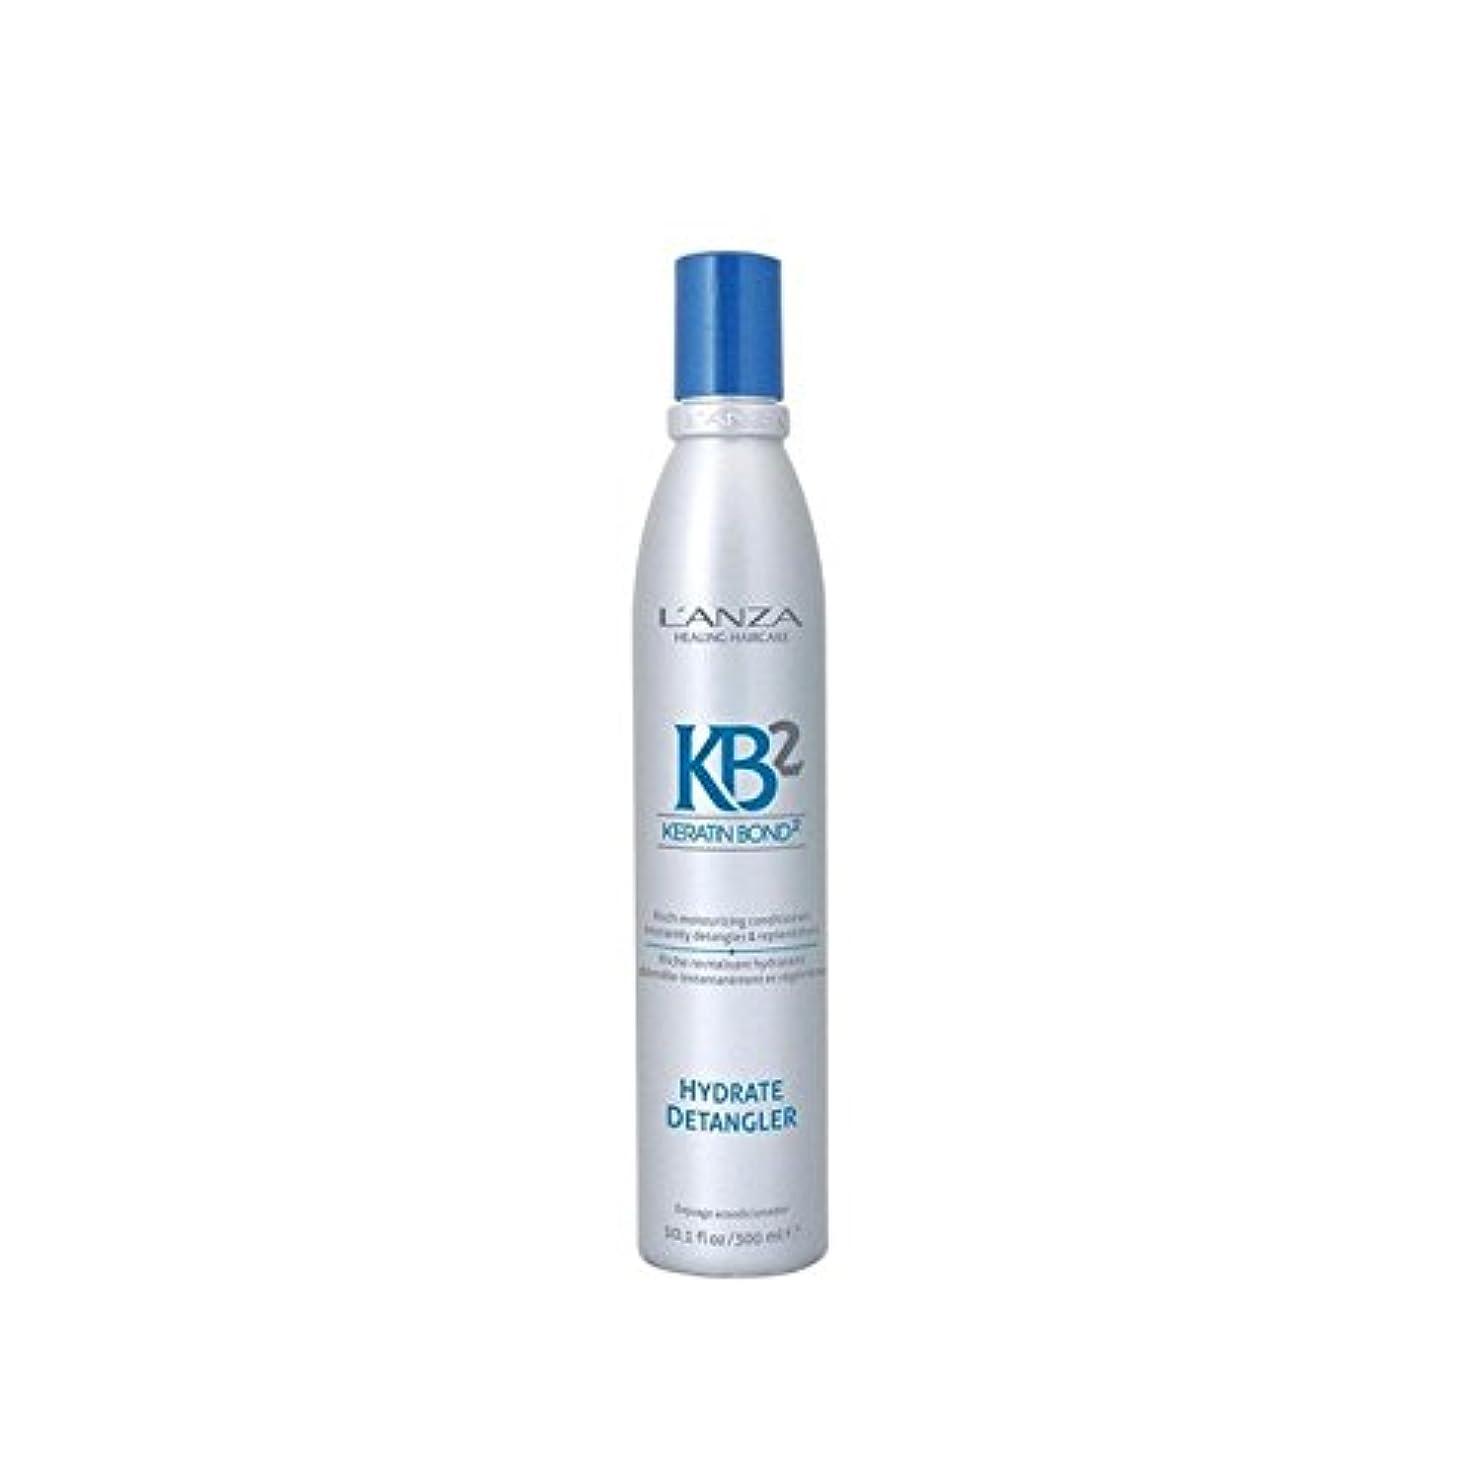 大断言する素晴らしい良い多くのアンザ2和物(300ミリリットル) x4 - L'Anza Kb2 Hydrate Detangler (300ml) (Pack of 4) [並行輸入品]